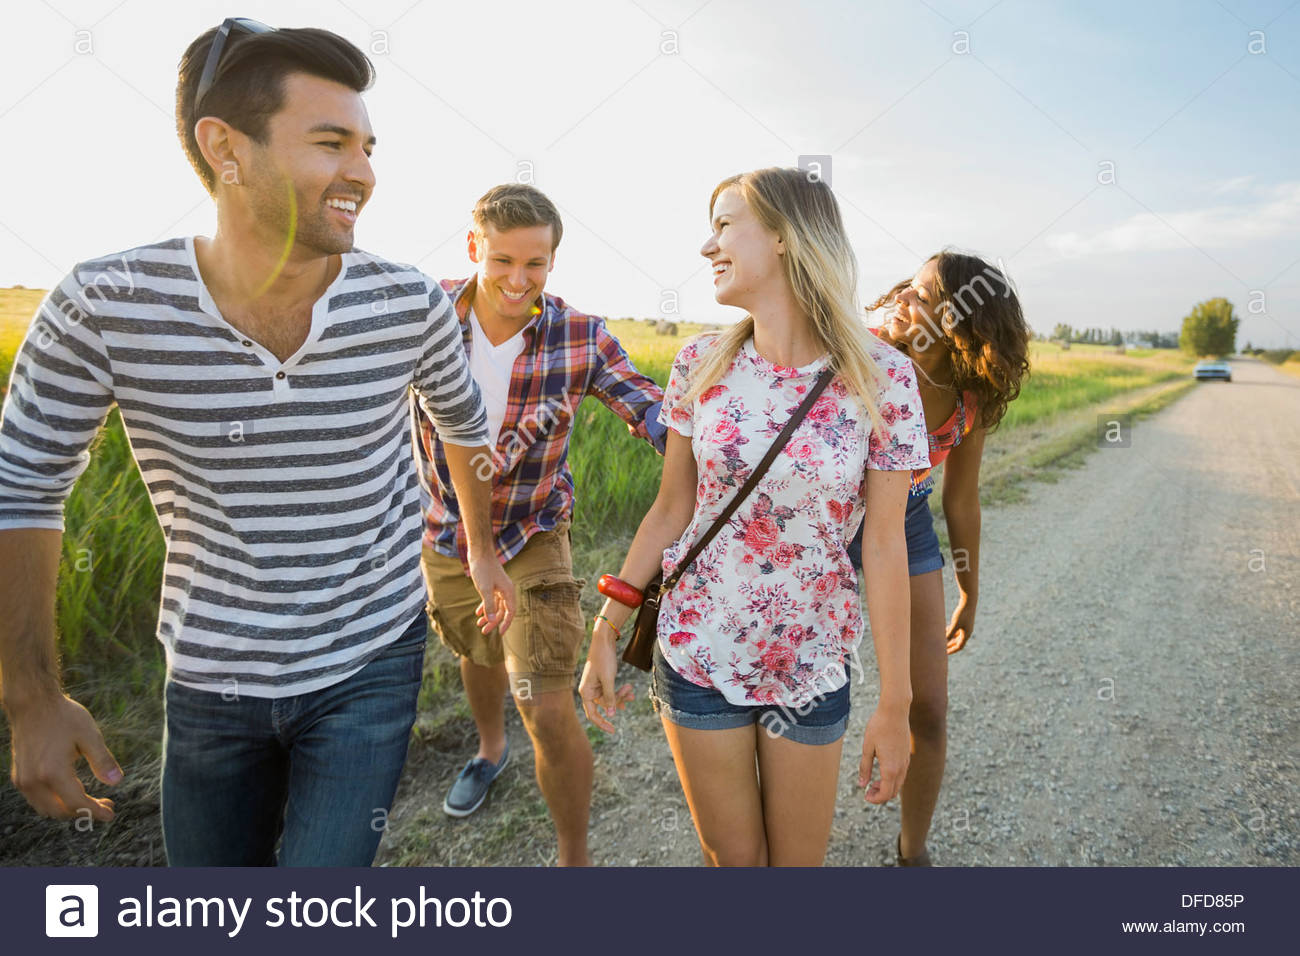 Gruppo di amici passeggiando per le strade di campagna Immagini Stock